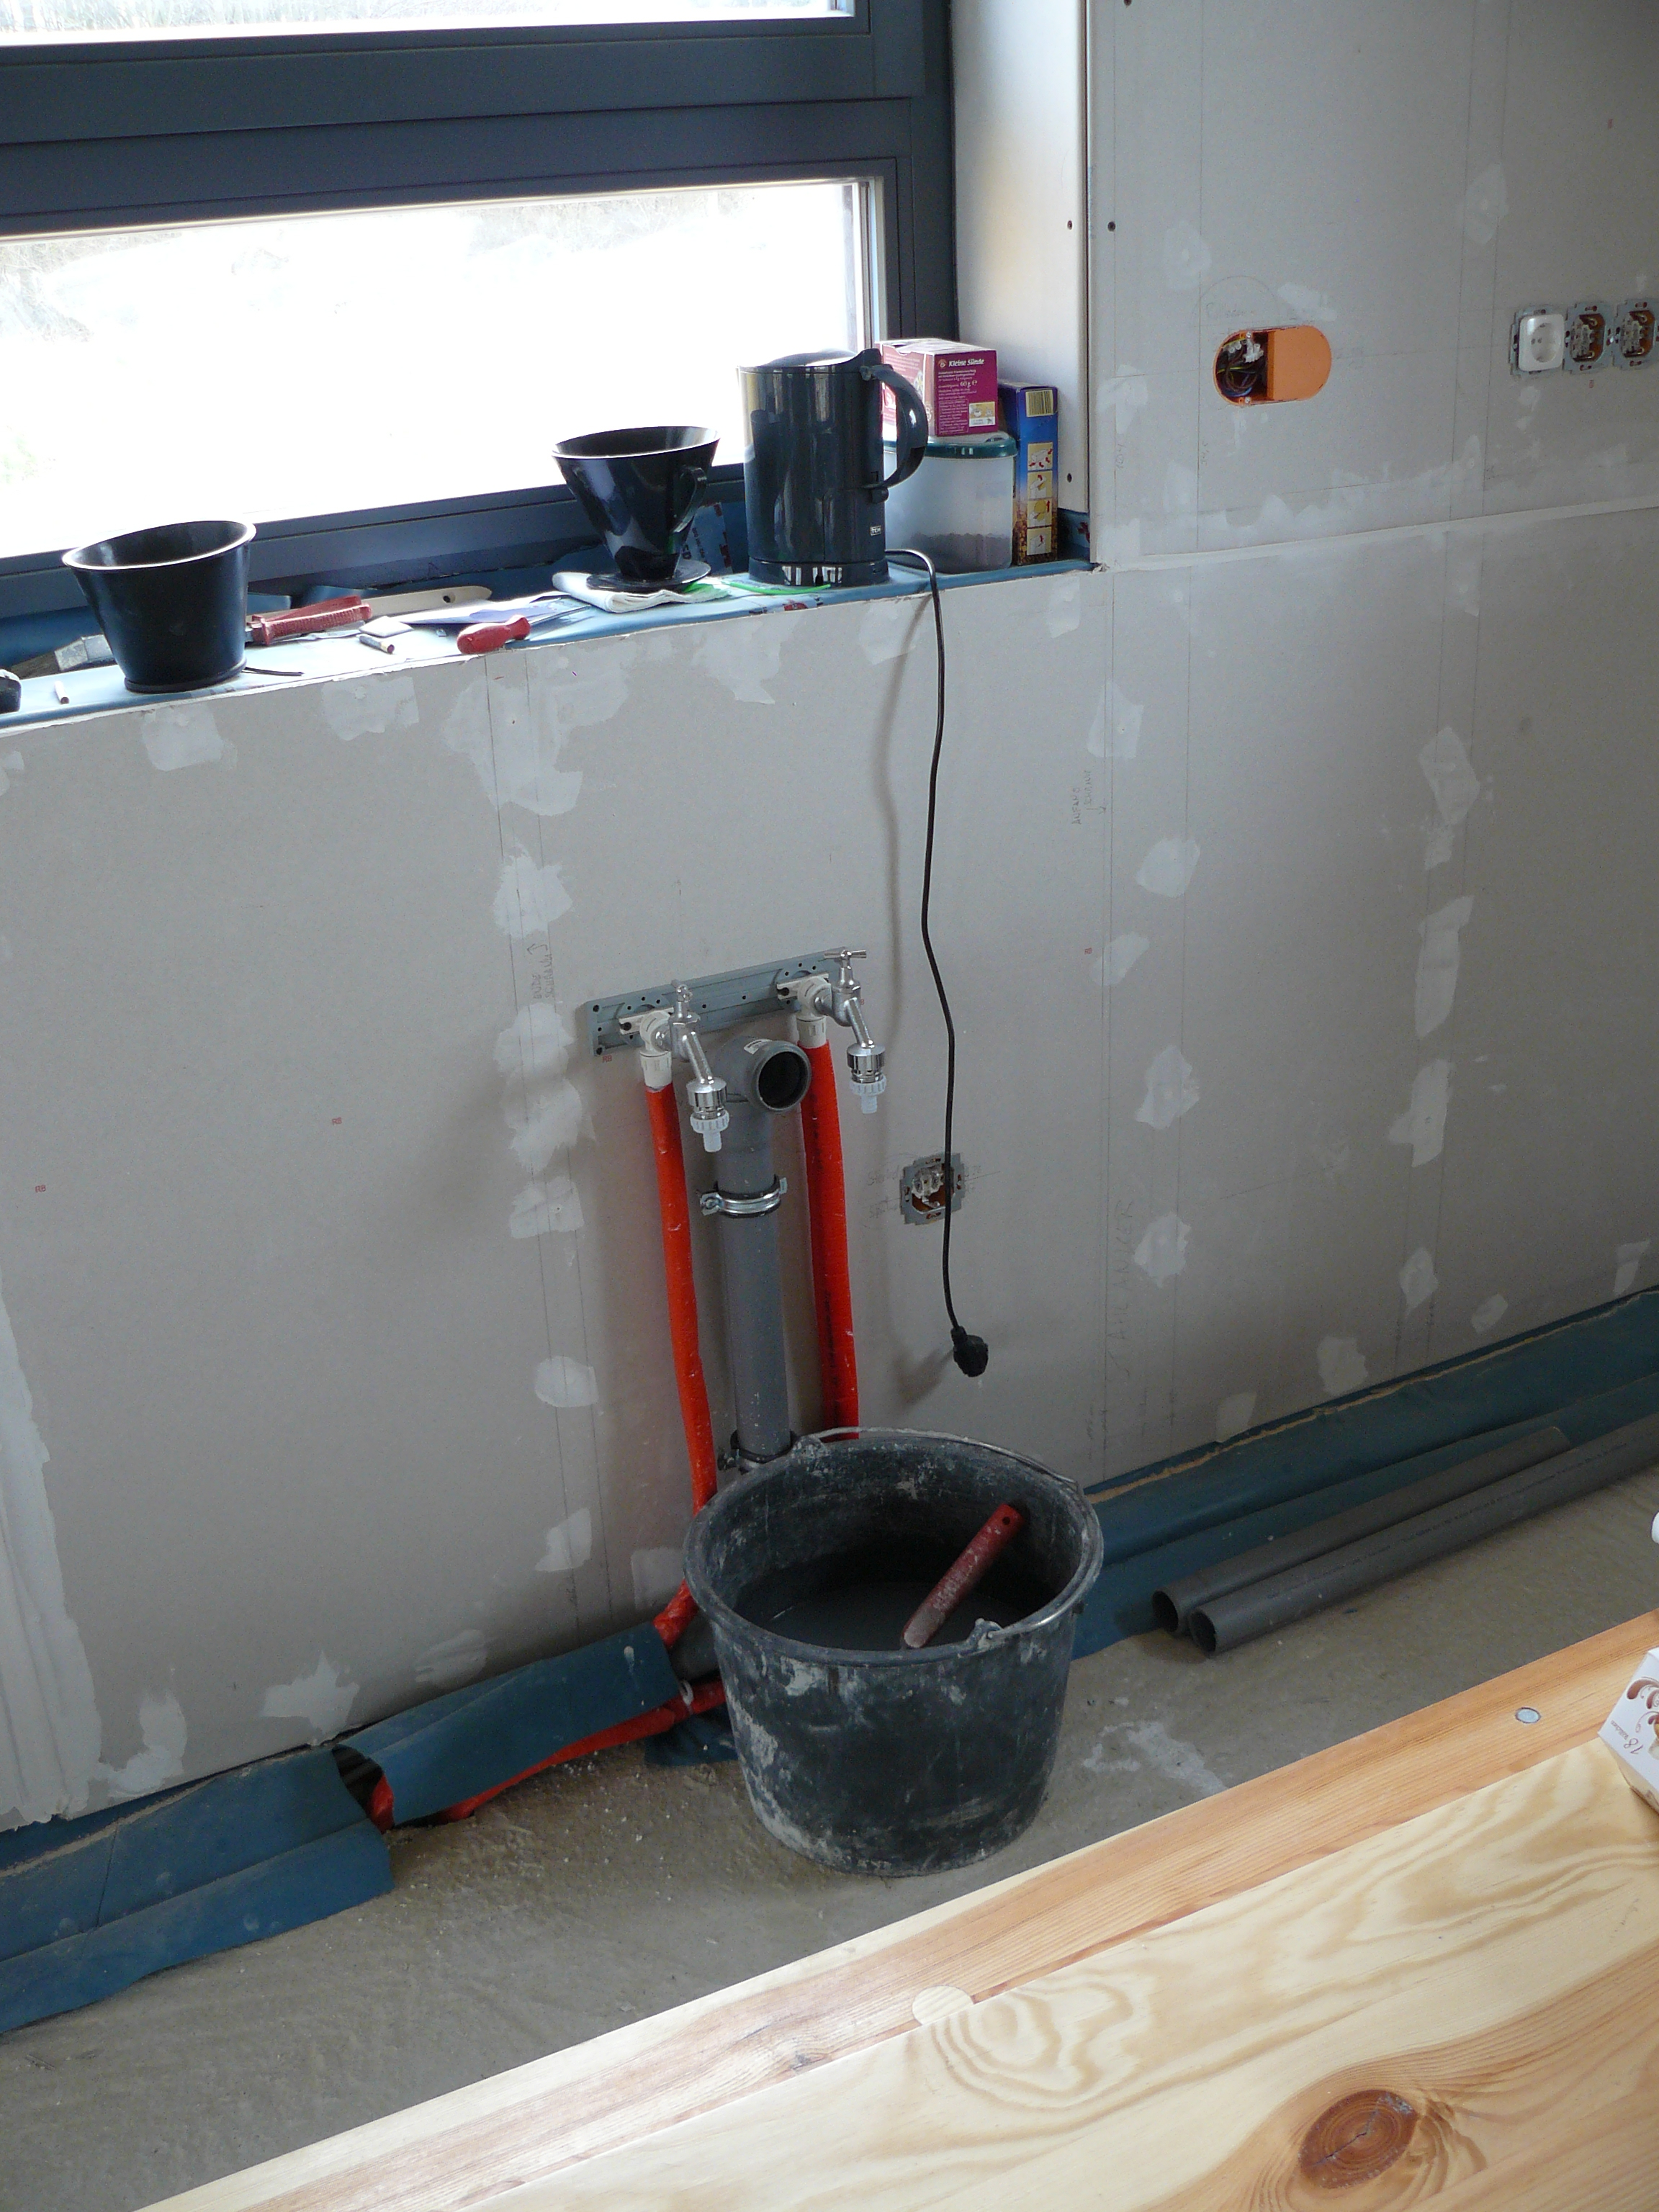 Doppelzapfstelle in der Küche